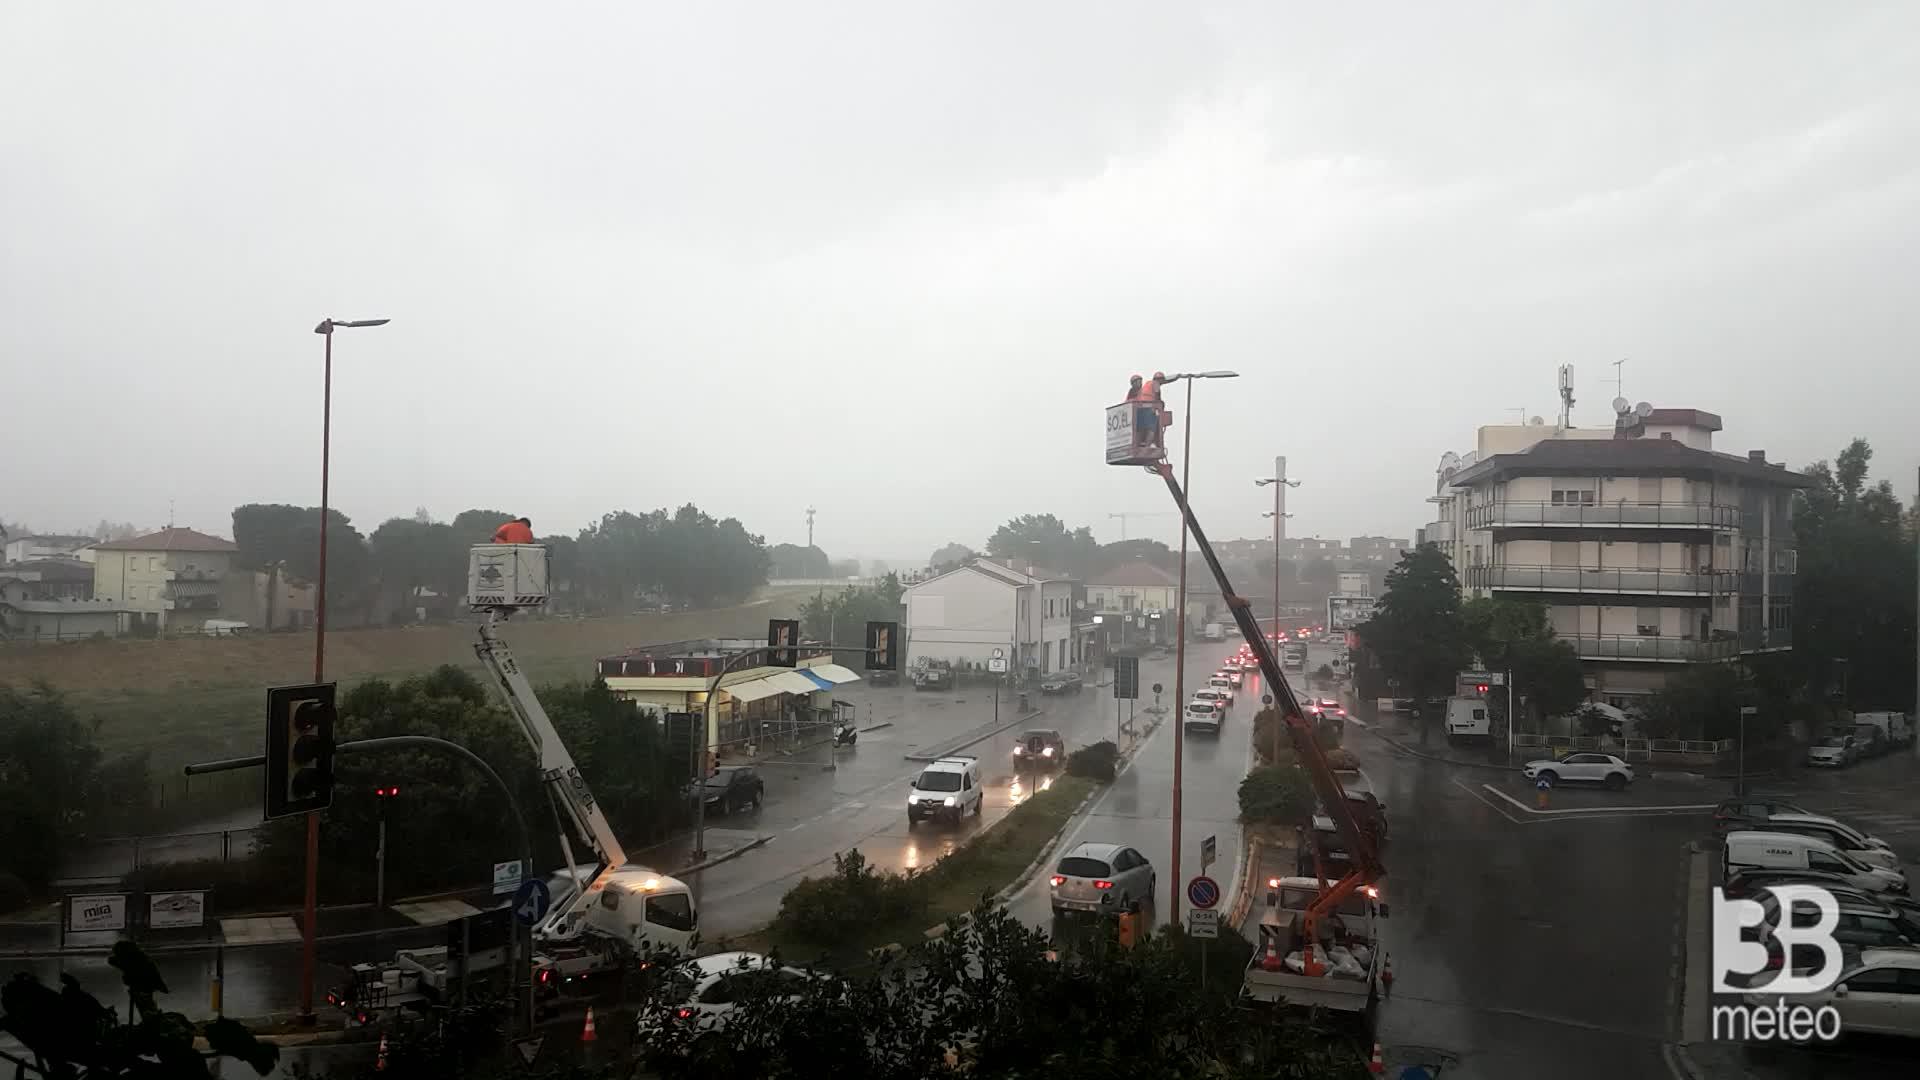 La tempesta e puntualmente arrivata allora si prende l'ombrello e su risale su in cima. operai coraggiosi.